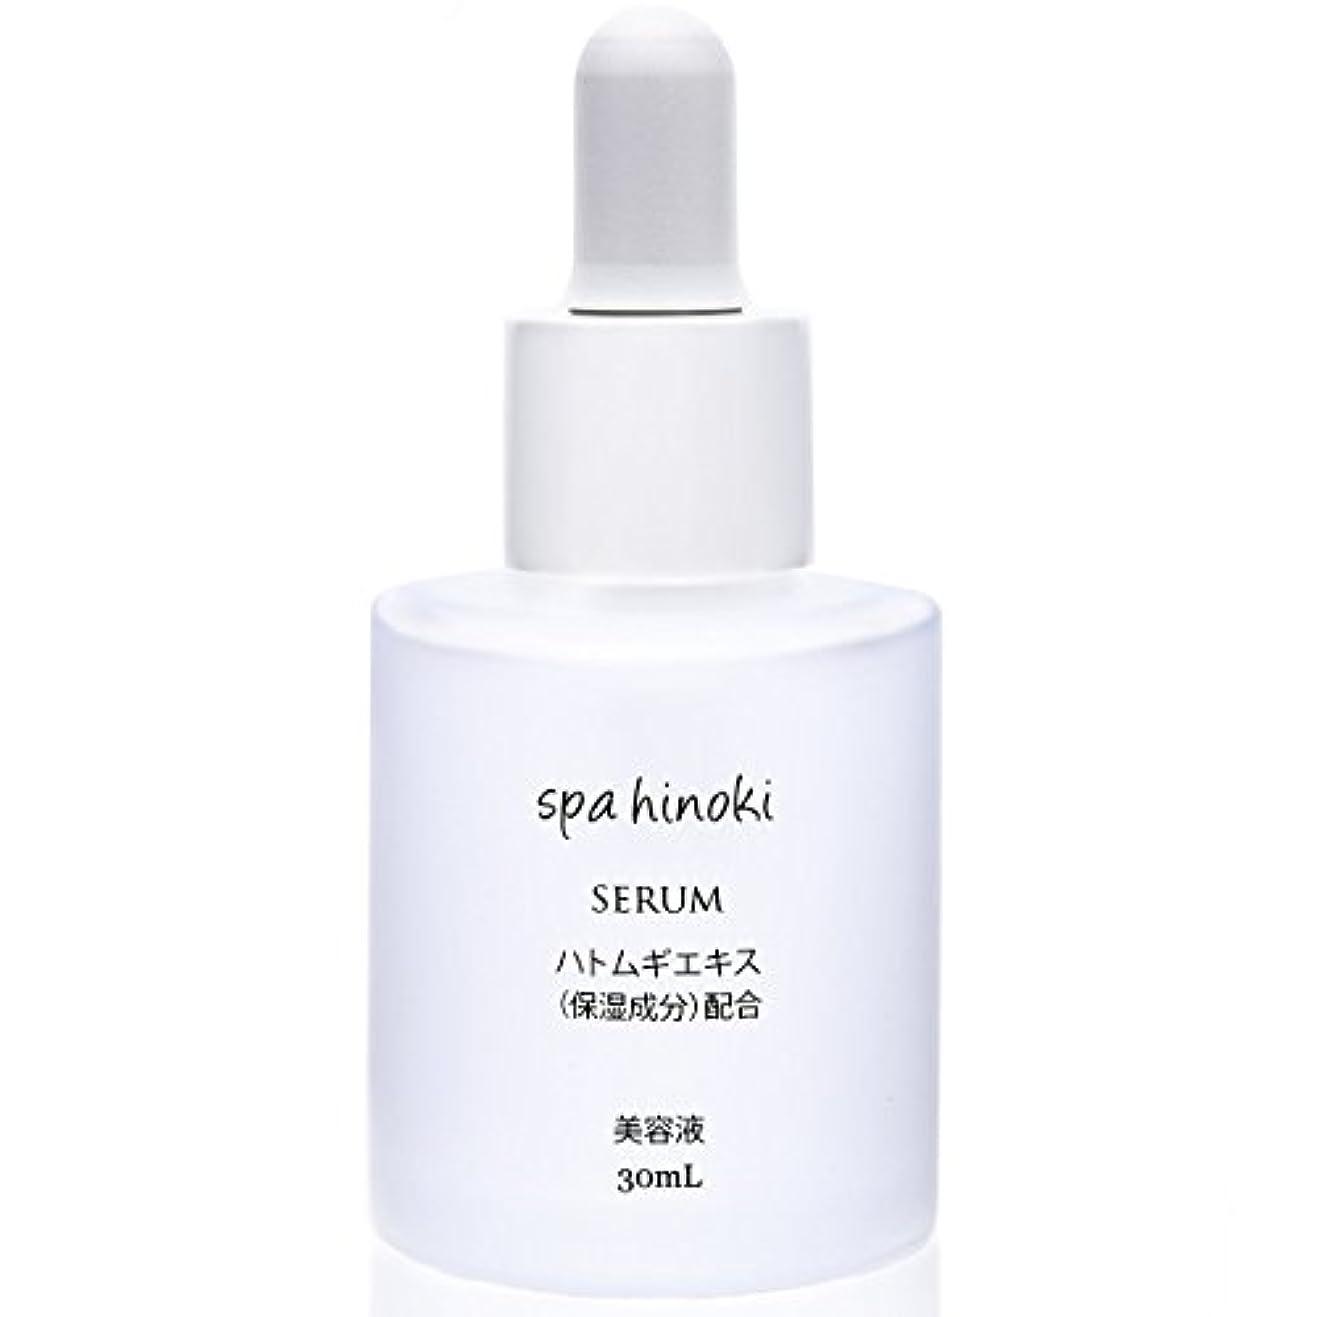 せっかち膨張する相手spa hinoki ハトムギエキス(保湿成分) 配合美容液 30ml